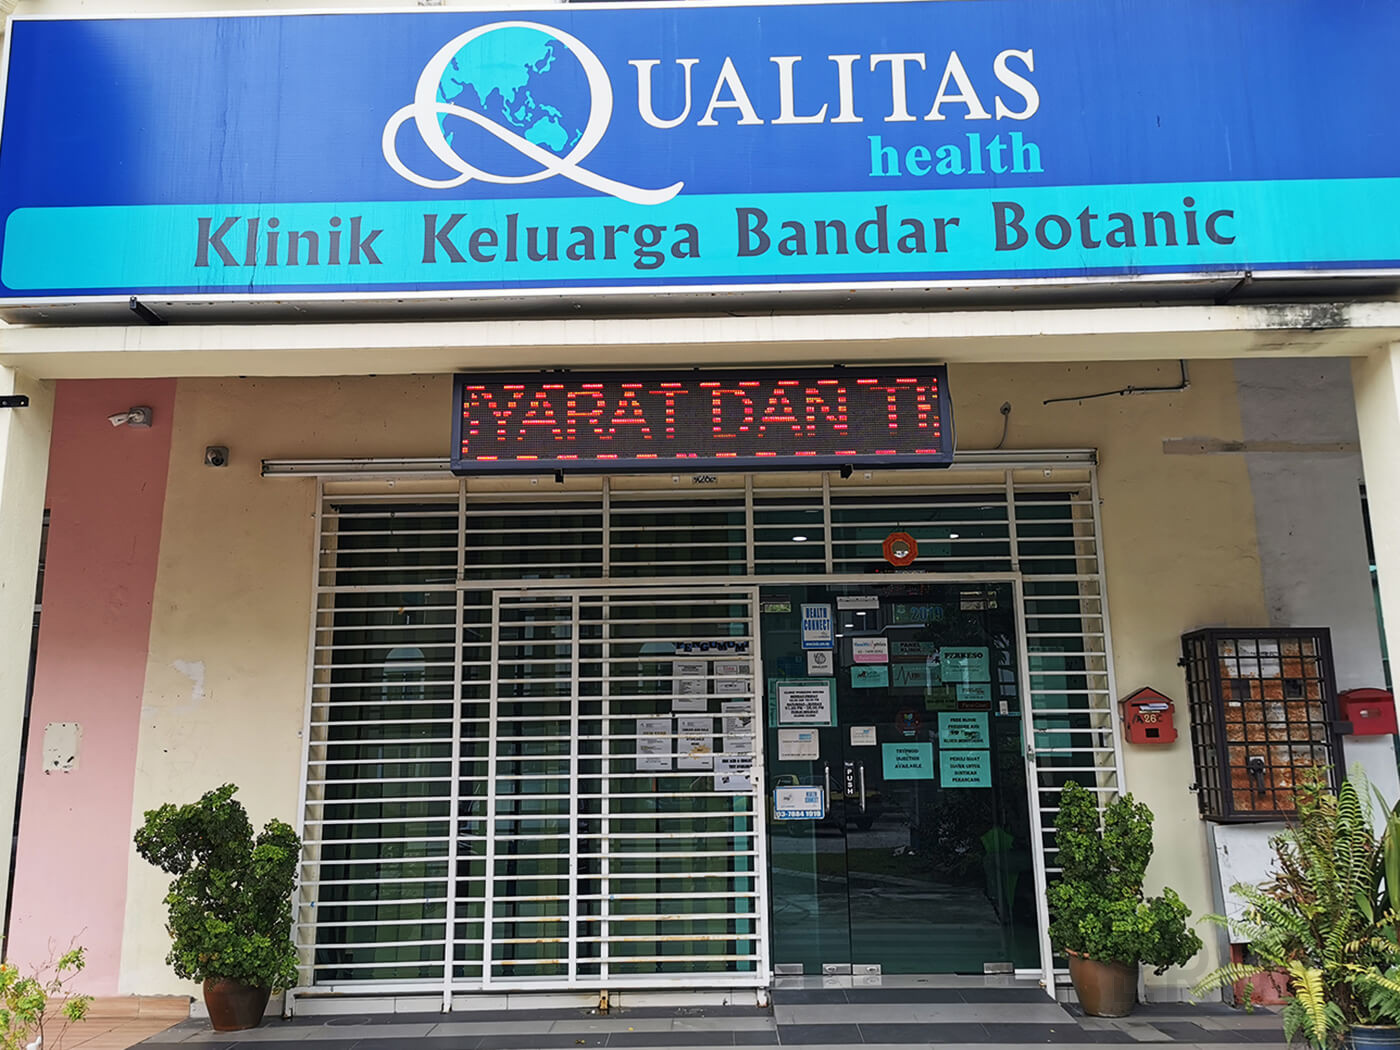 21 Klinik Menghilangkan Kutil Terbaik Selangor - Harga & Ulasan